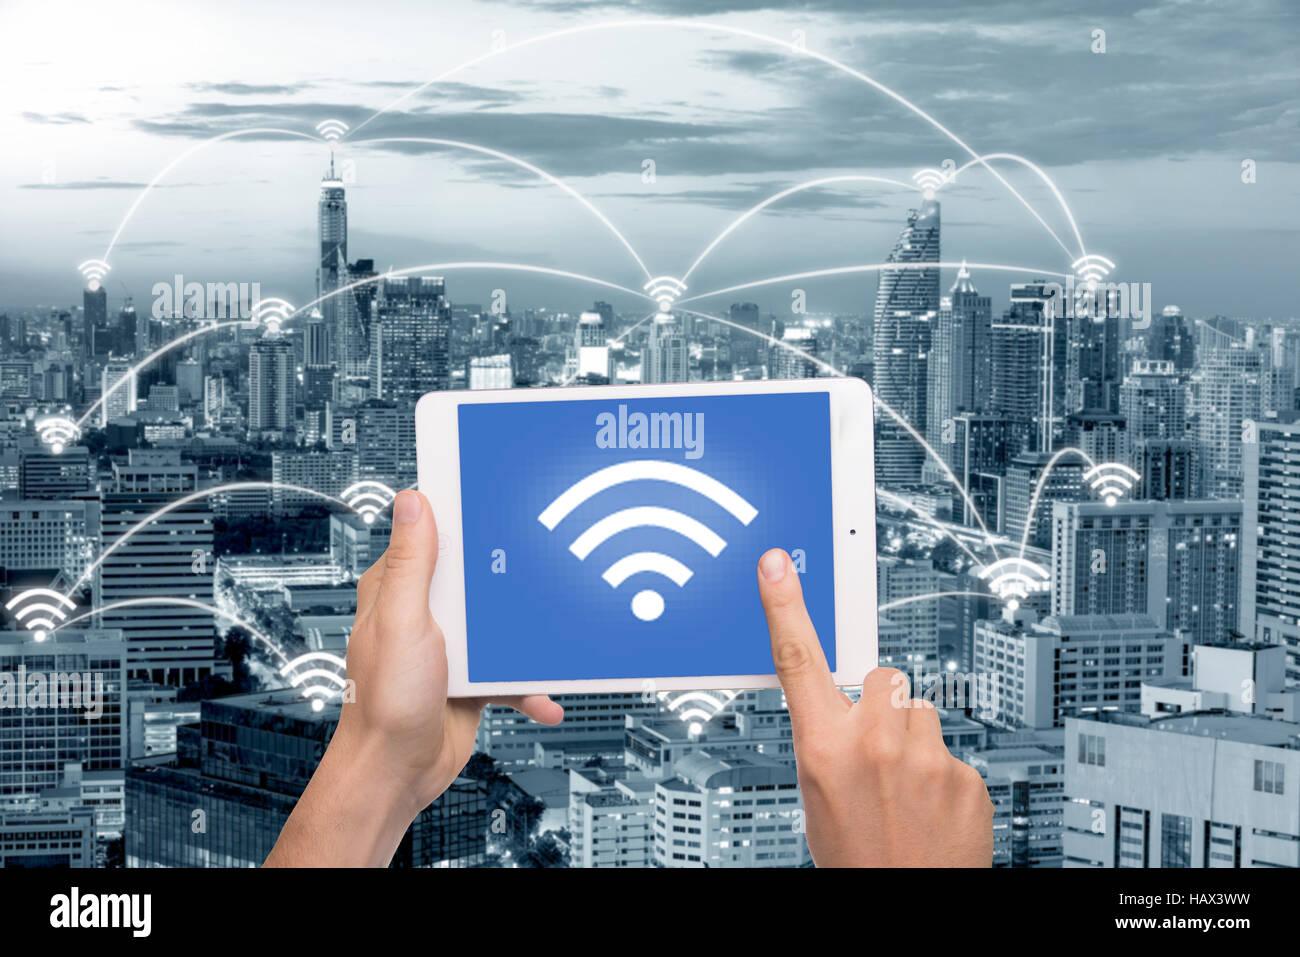 Mano sujetando tablet con icono de wifi en la ciudad y el concepto de la conexión de red. Bangkok, la ciudad Imagen De Stock